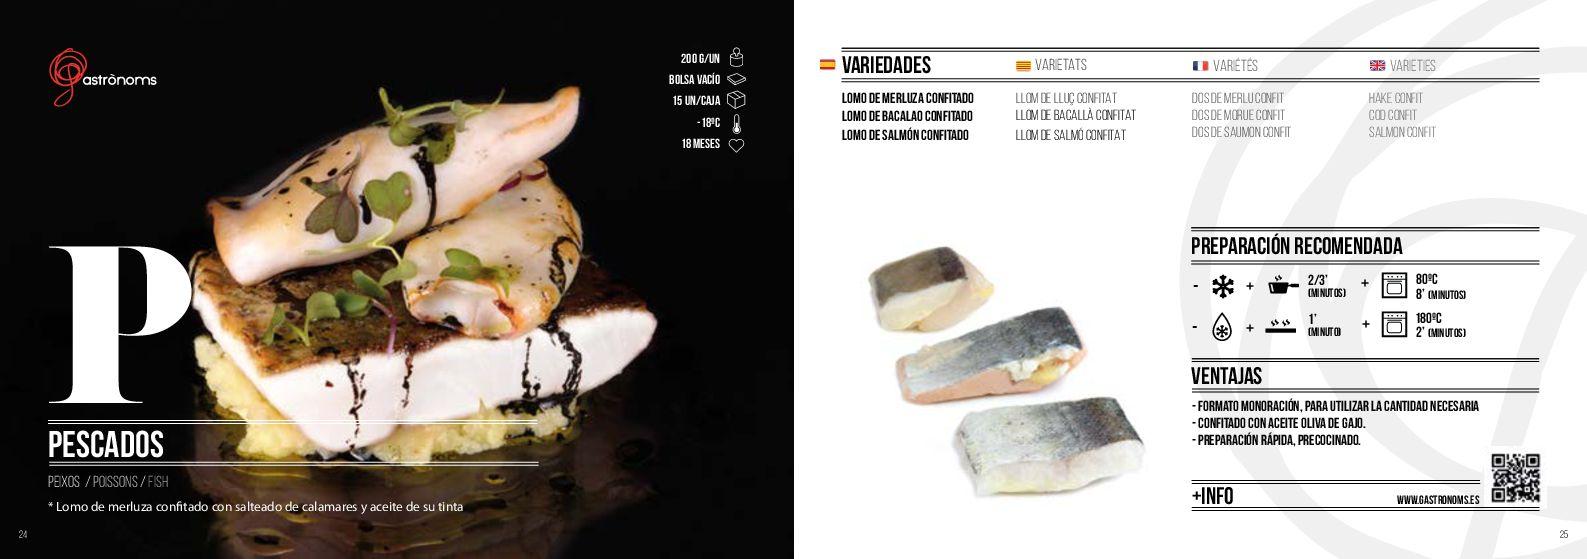 gastronoms - Pàg. 013